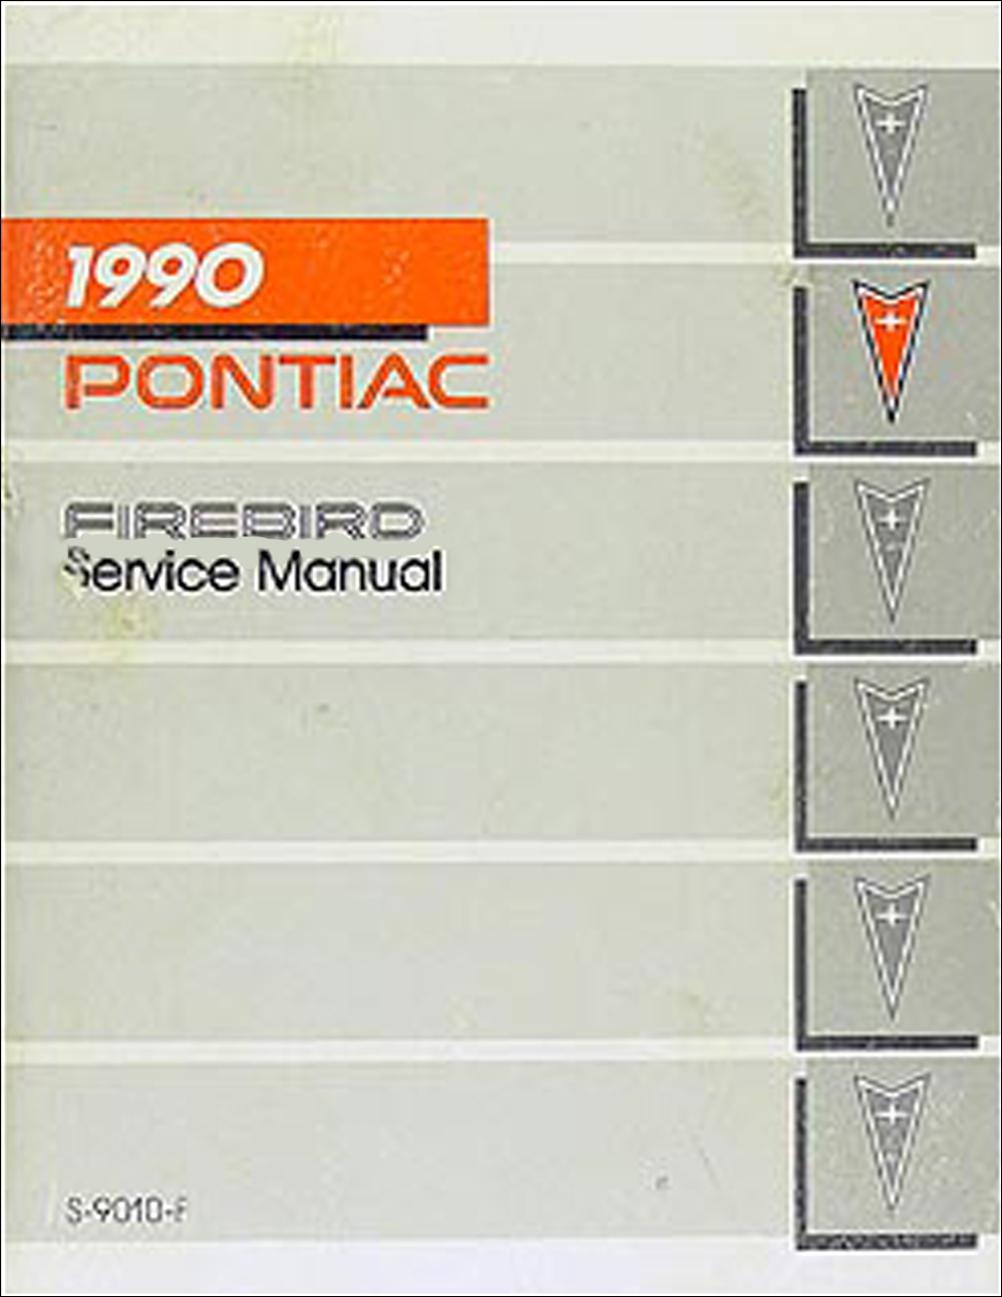 1990 Pontiac Firebird and Trans Am Repair Manual Original